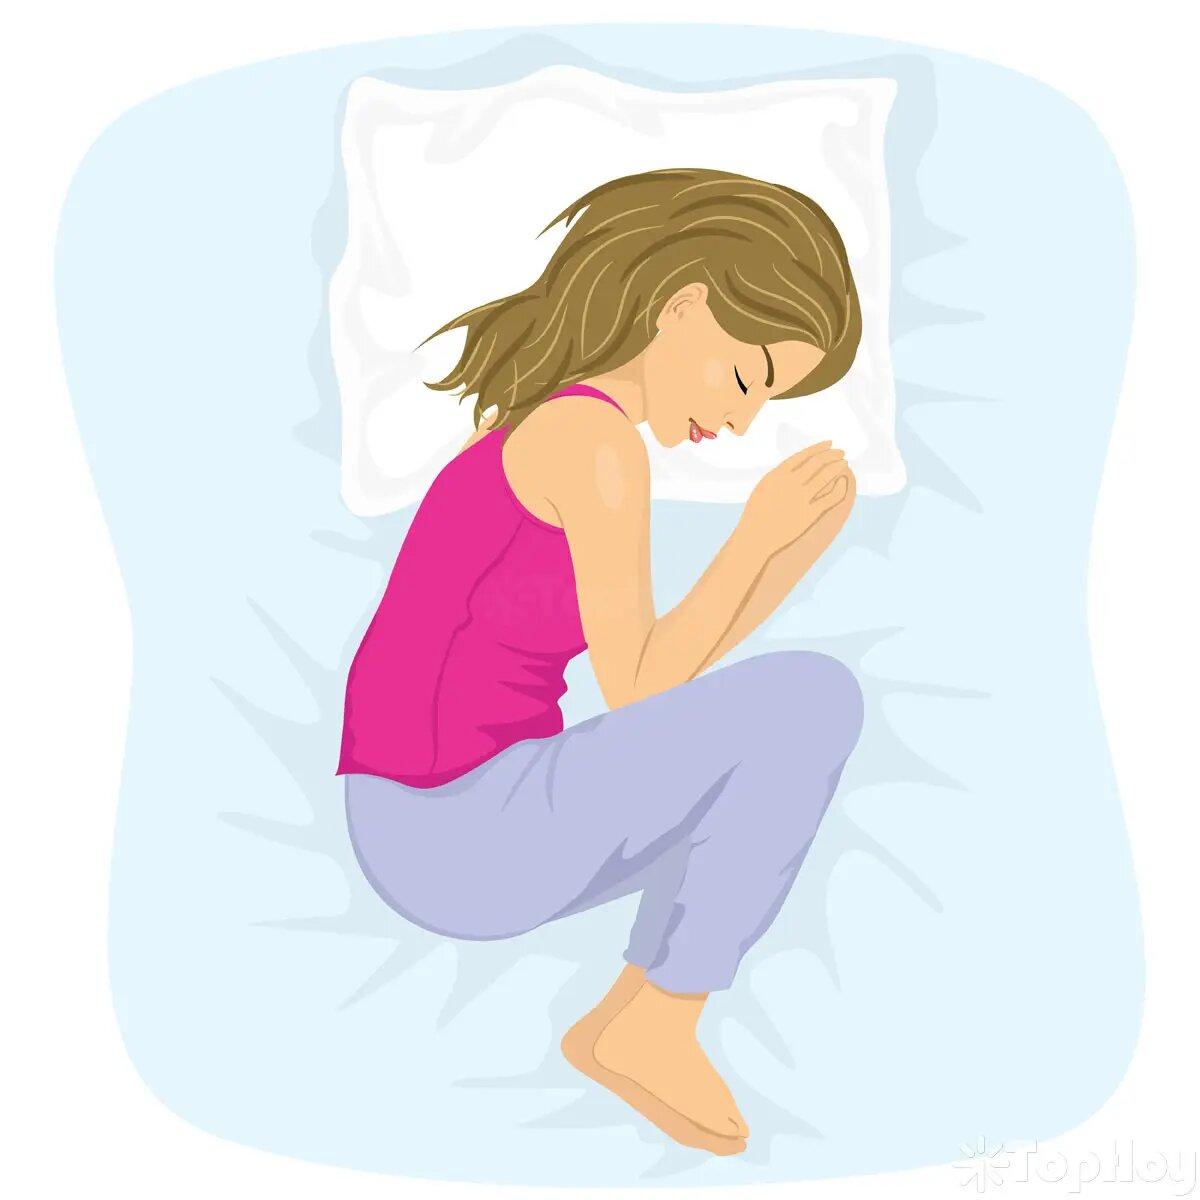 Odia madrugar, y si fuese por ella, se levantaría a las 11 de la mañana todos los días. Por lo general se duerme a las 3 de la madrugada y le gusta hacerlo bien acurrucada en posición fetal.